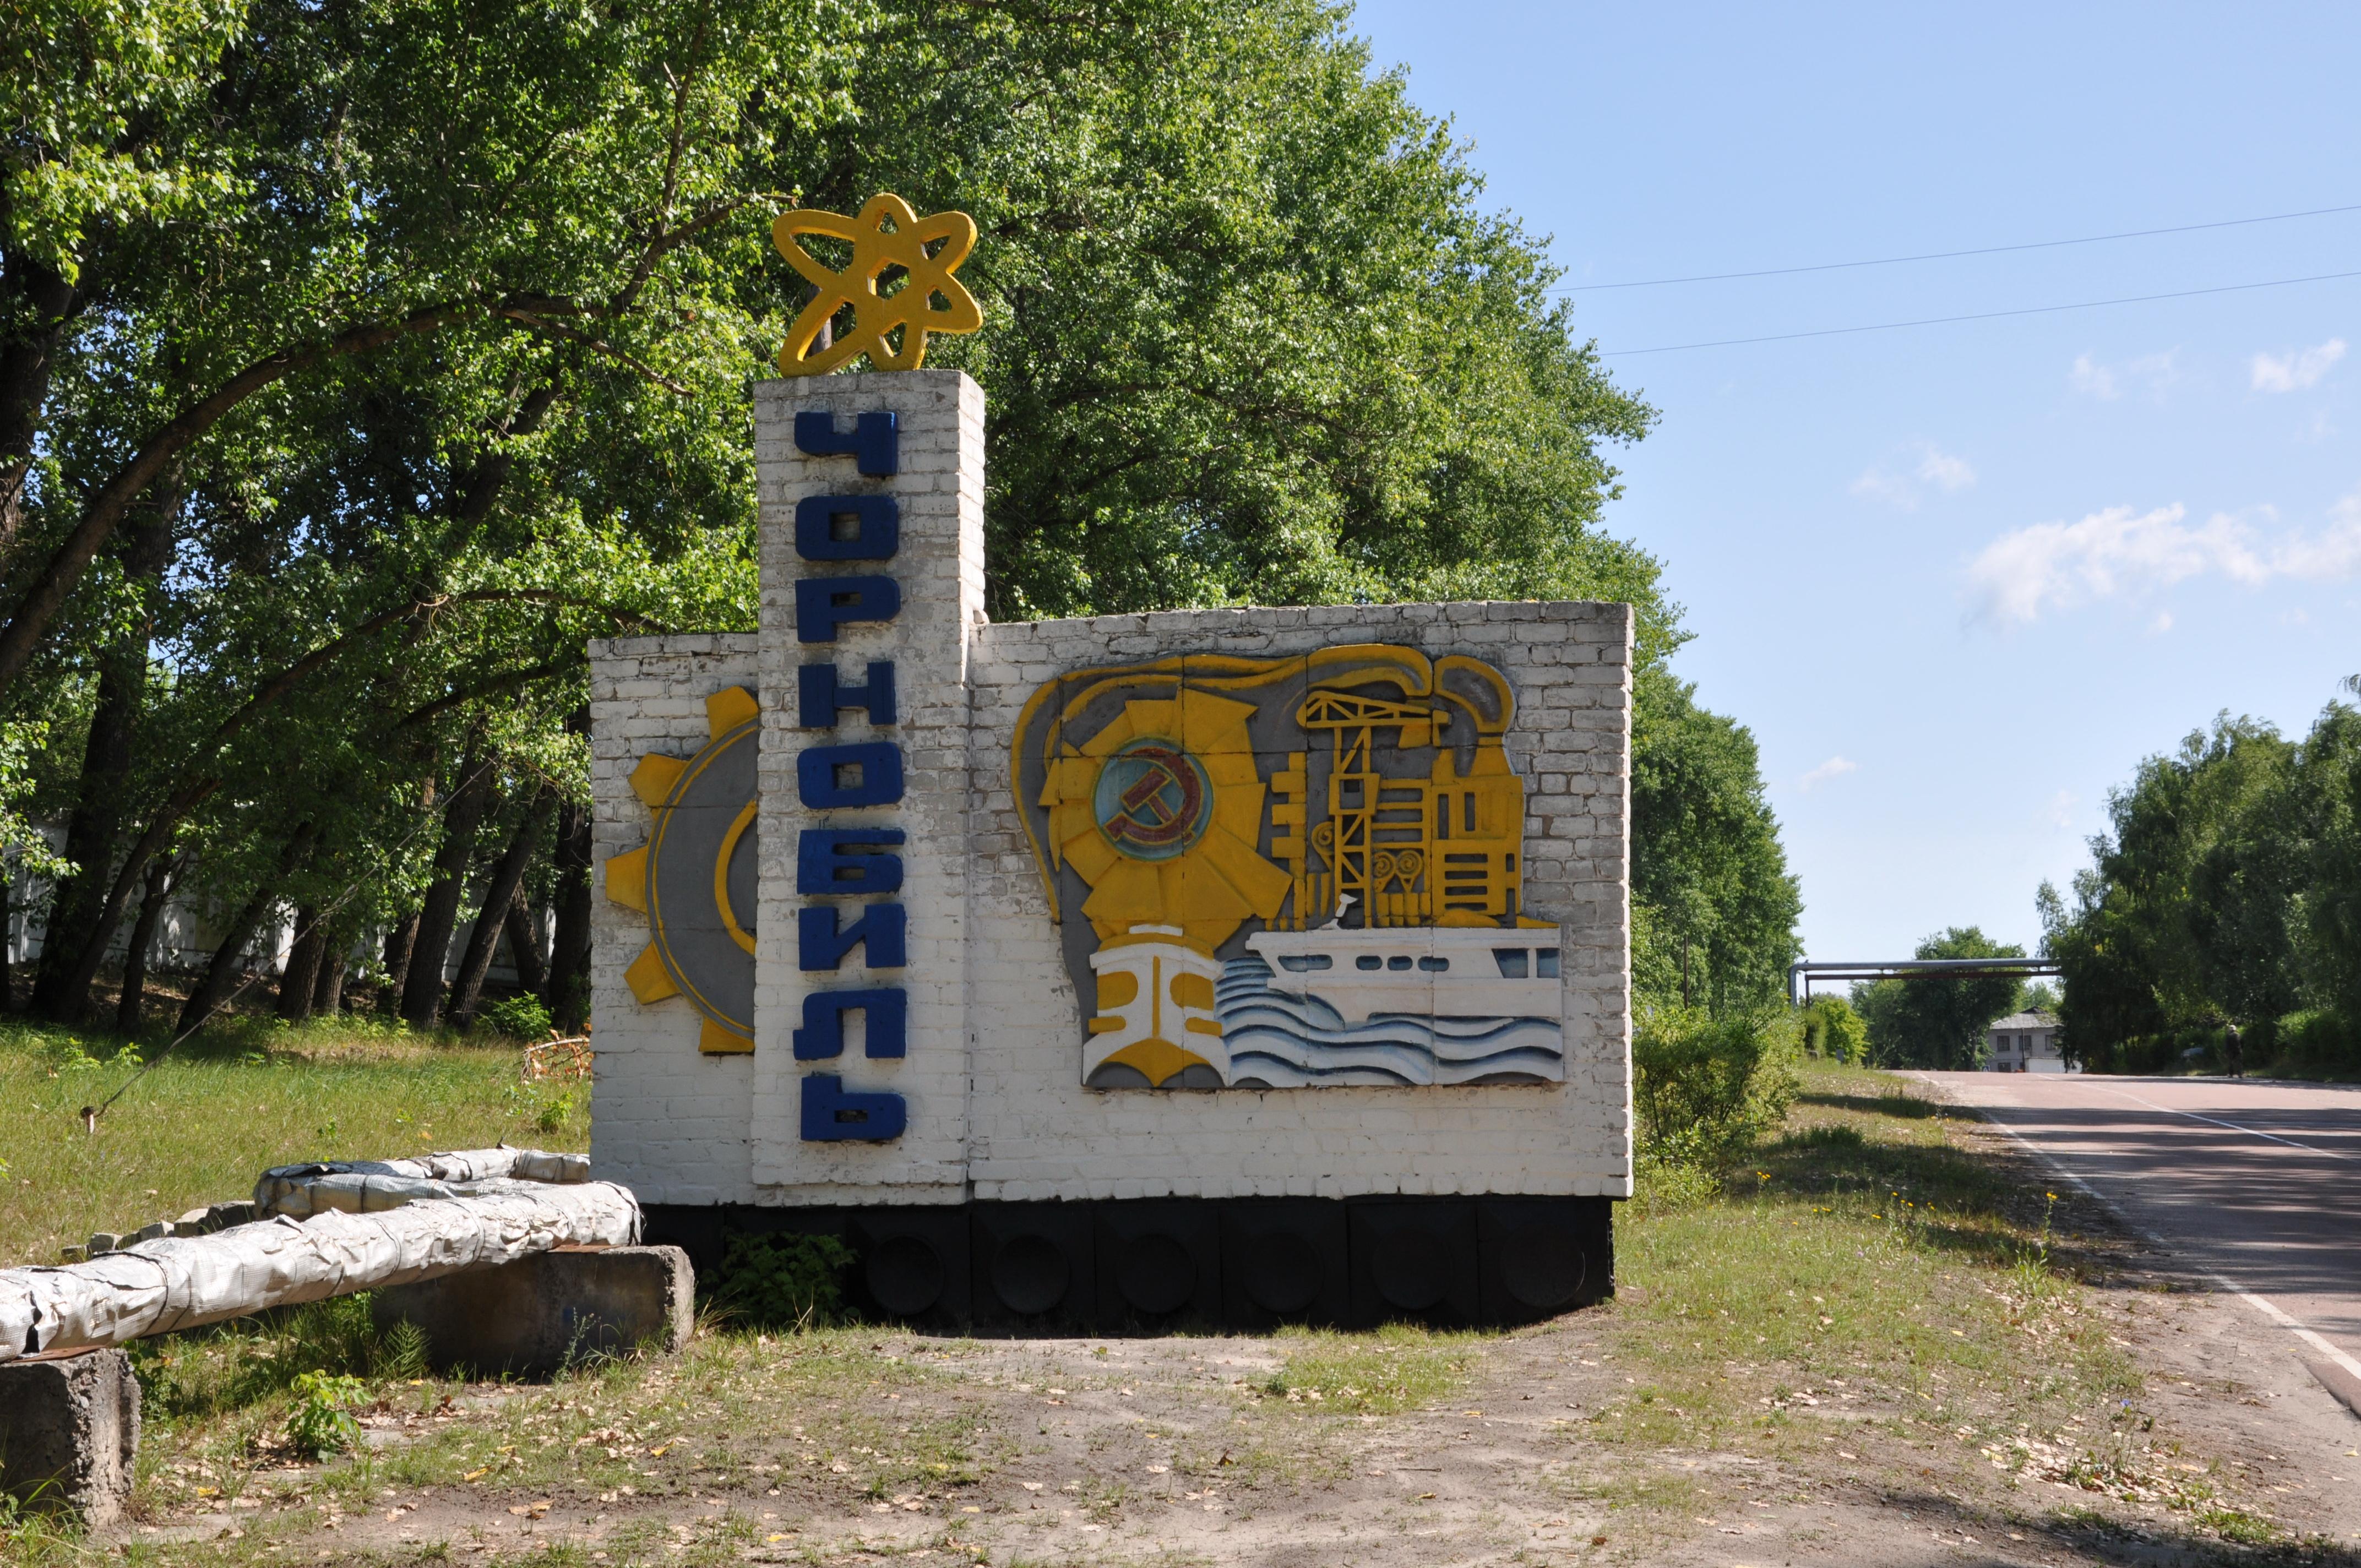 Въезд в чернобыль.JPG